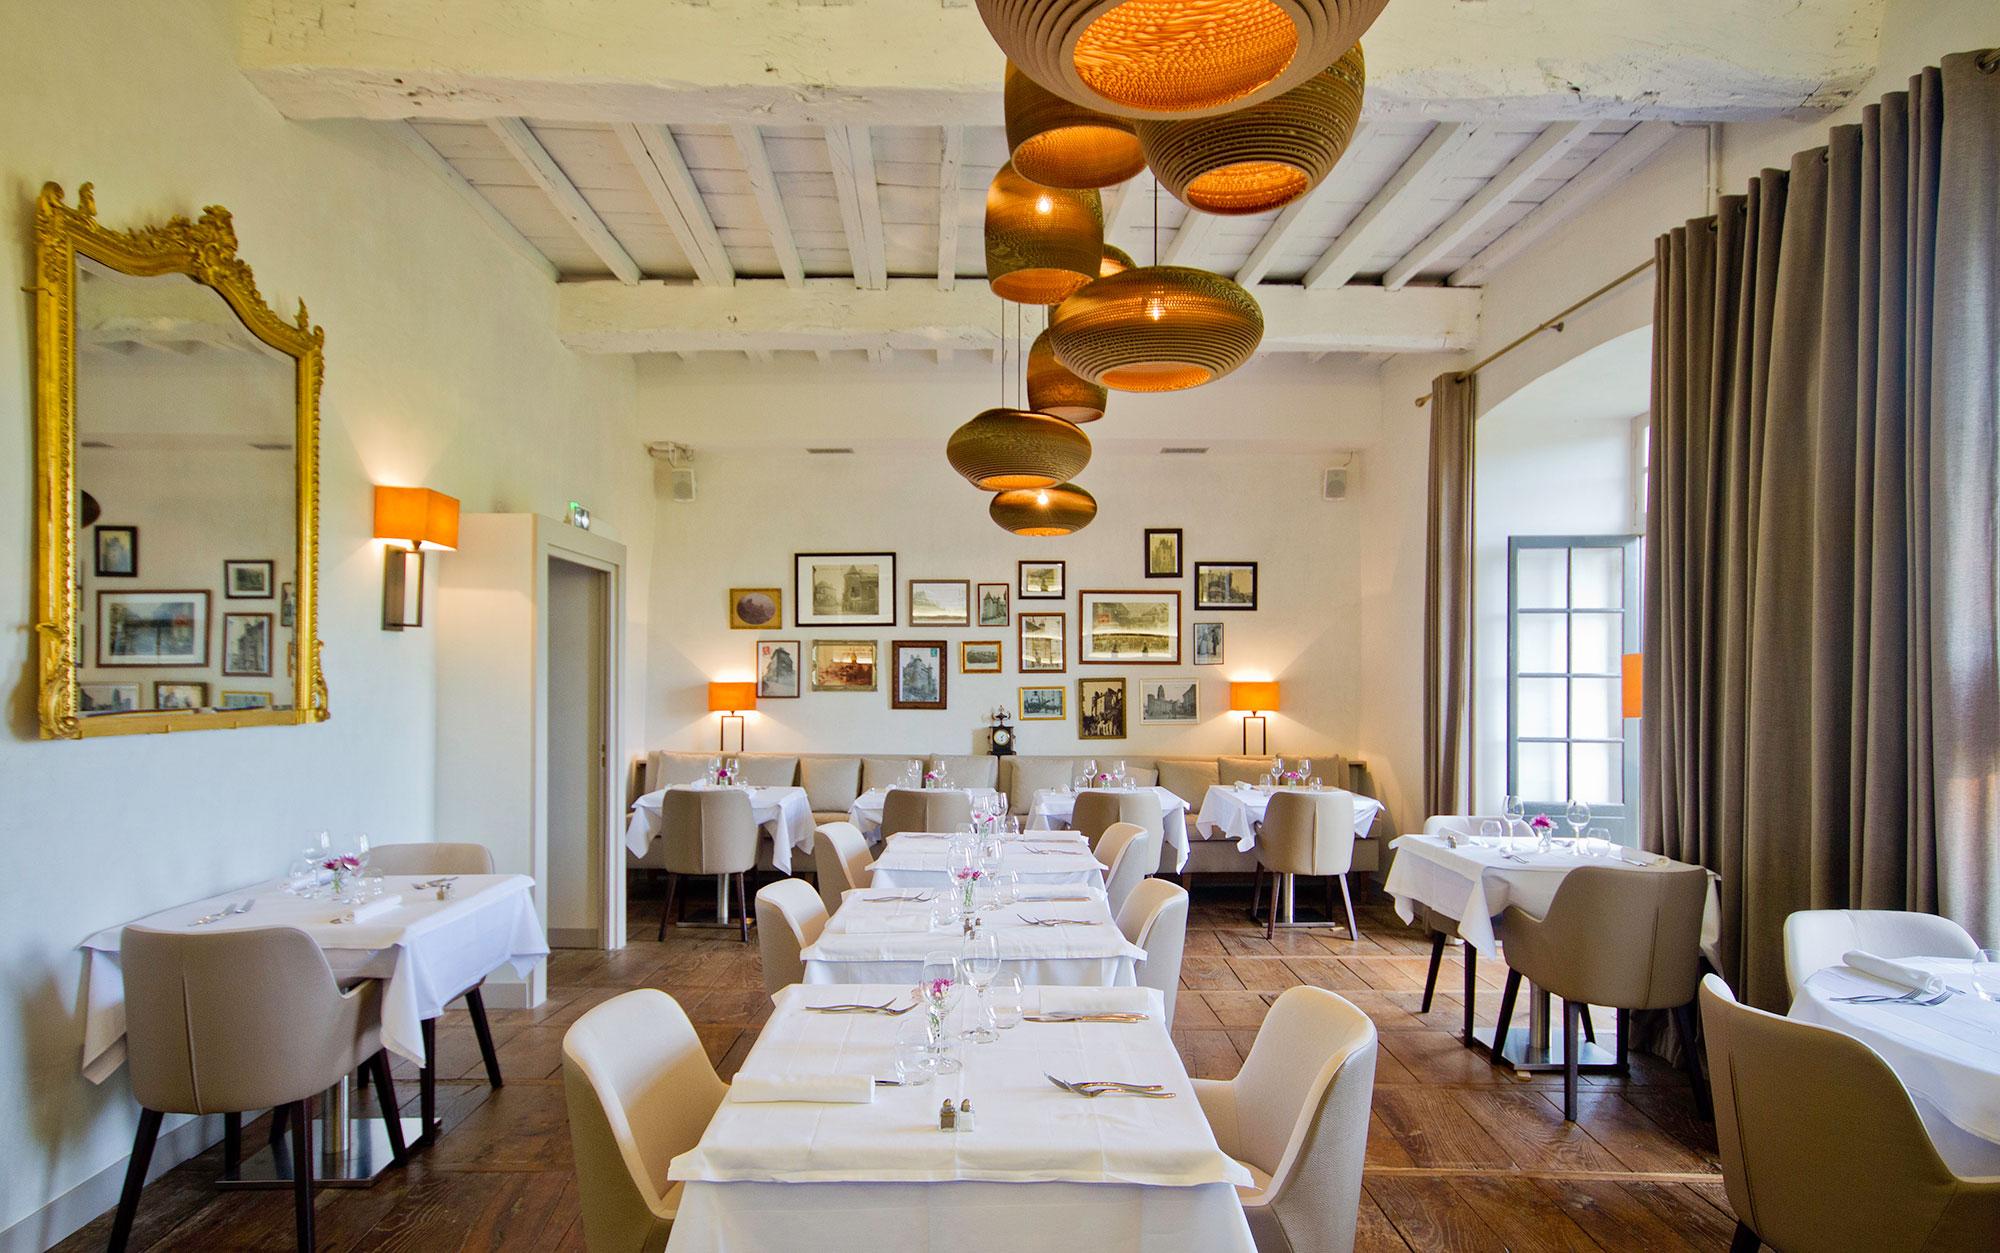 salle de restaurant et grande tablée avec abats-jour asymétriques